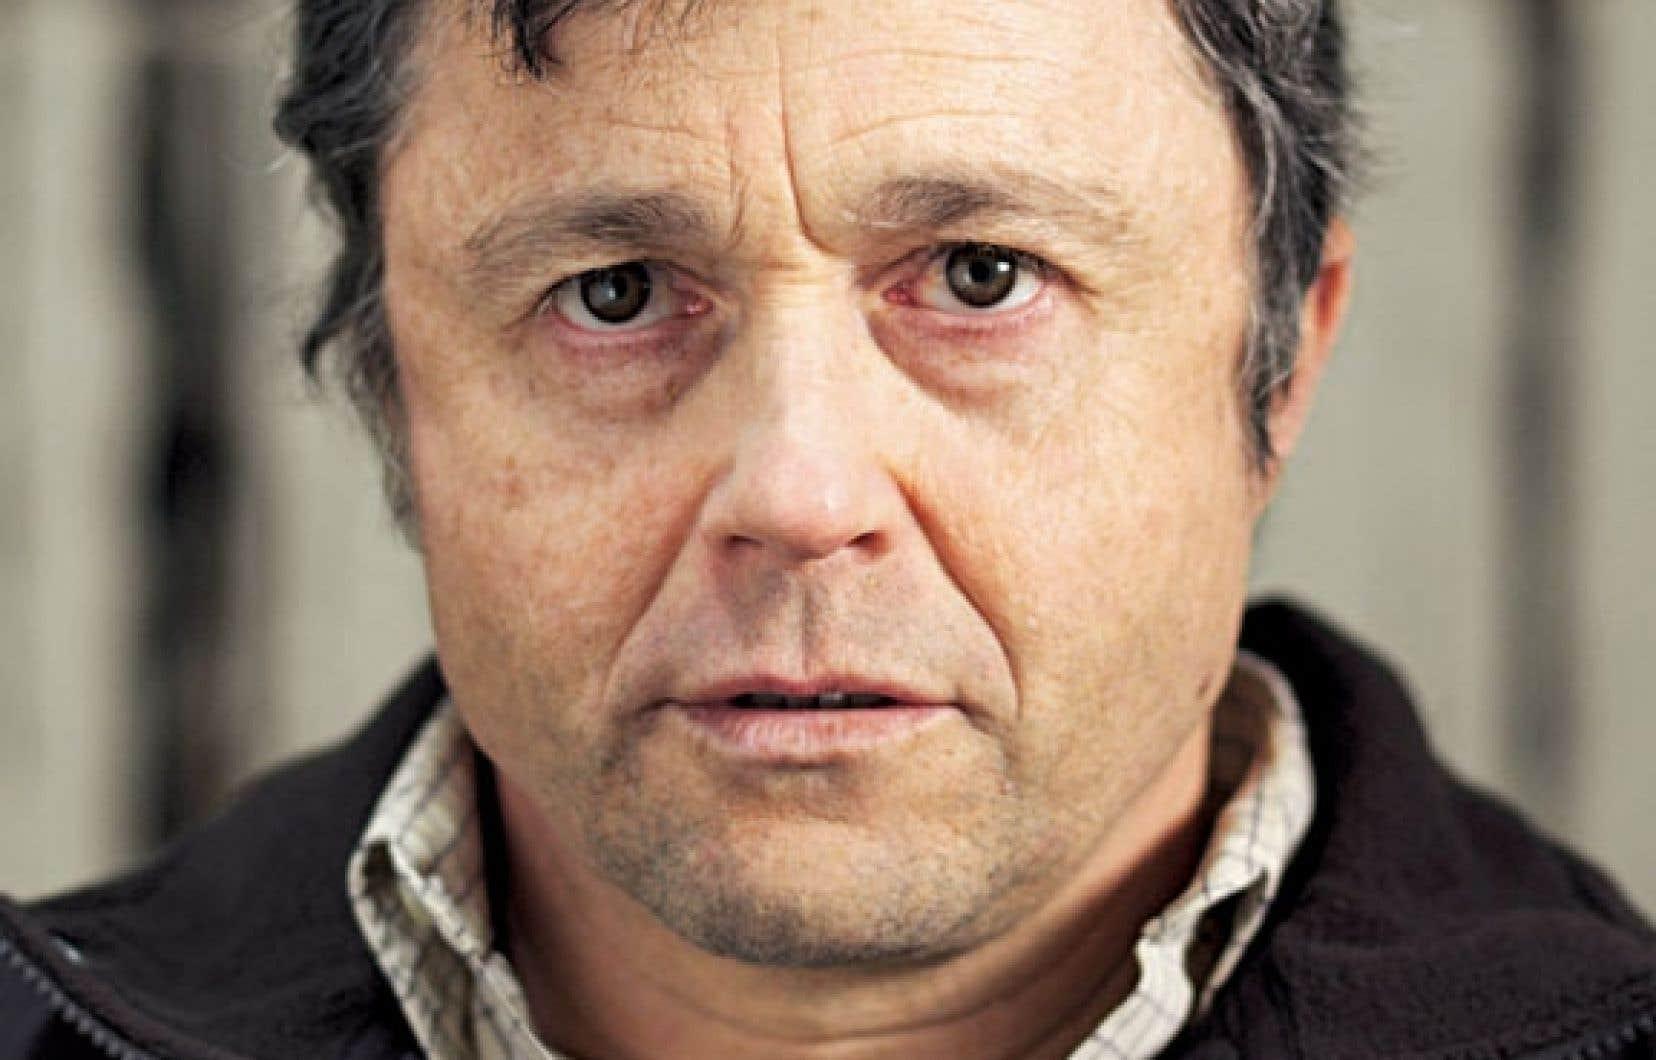 Richard (Marc Béland) victime d'intimidation pendant son enfance, décide de se venger, des années plus tard.